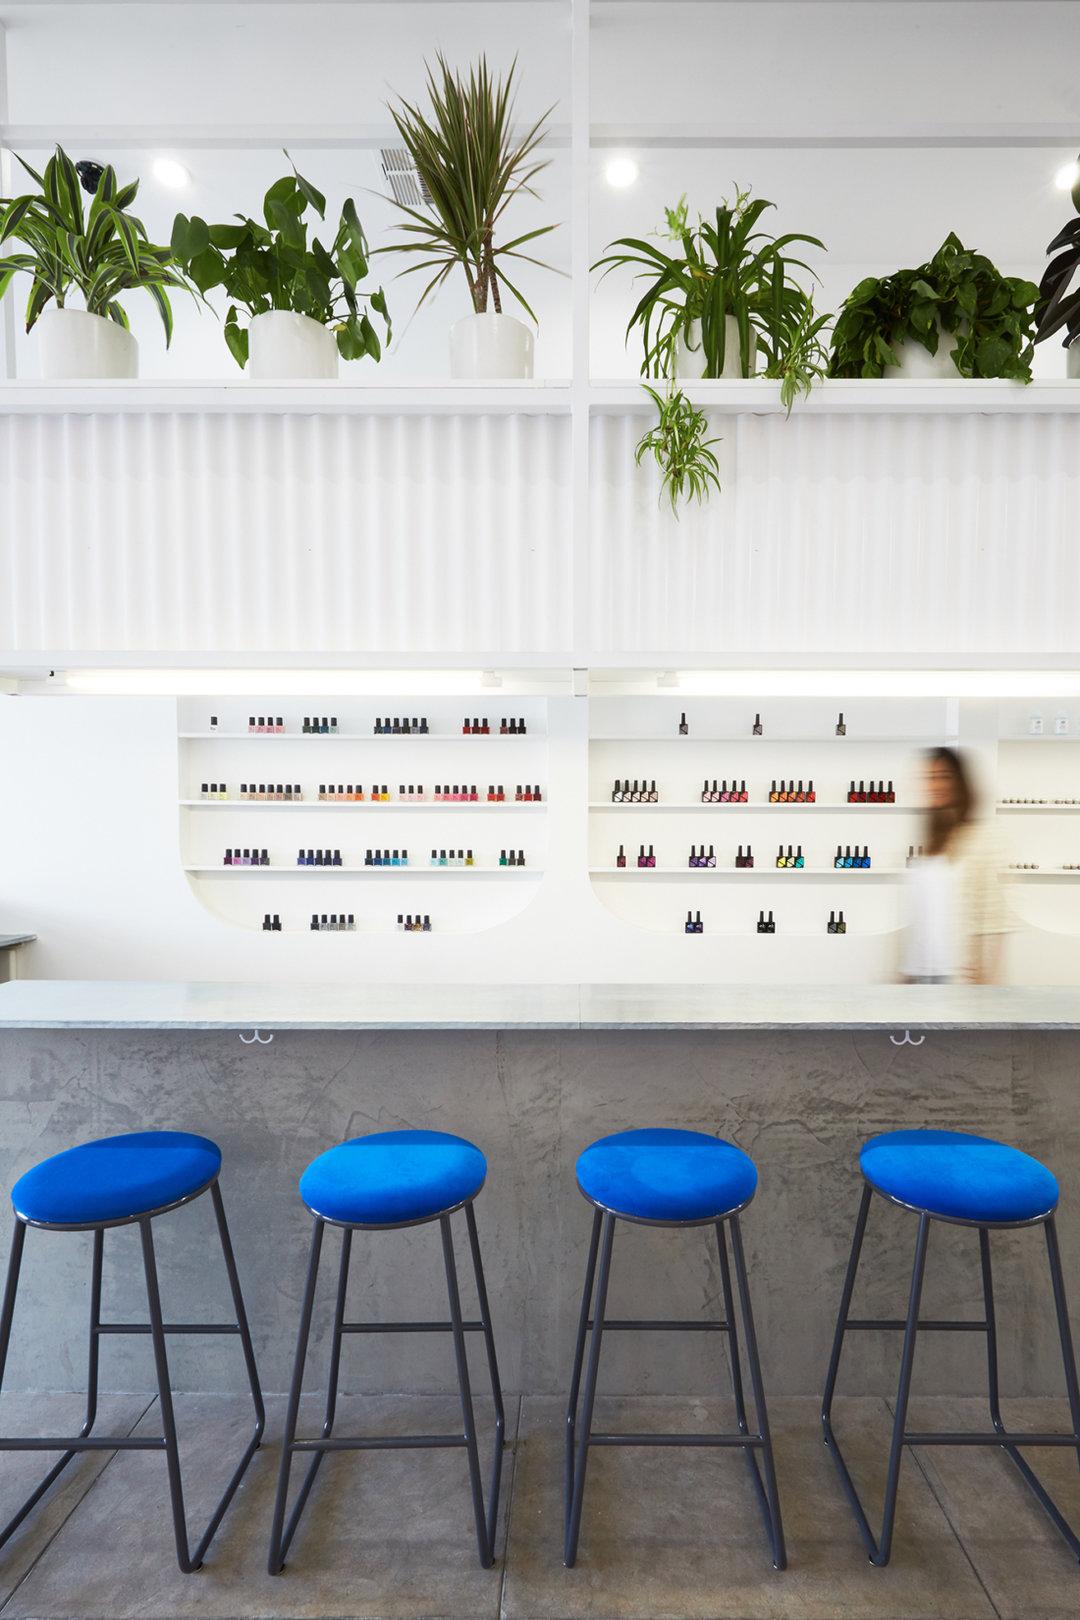 这家美甲店最大的特色,是一面很适合拍照的彩墙_设计_好奇心日报